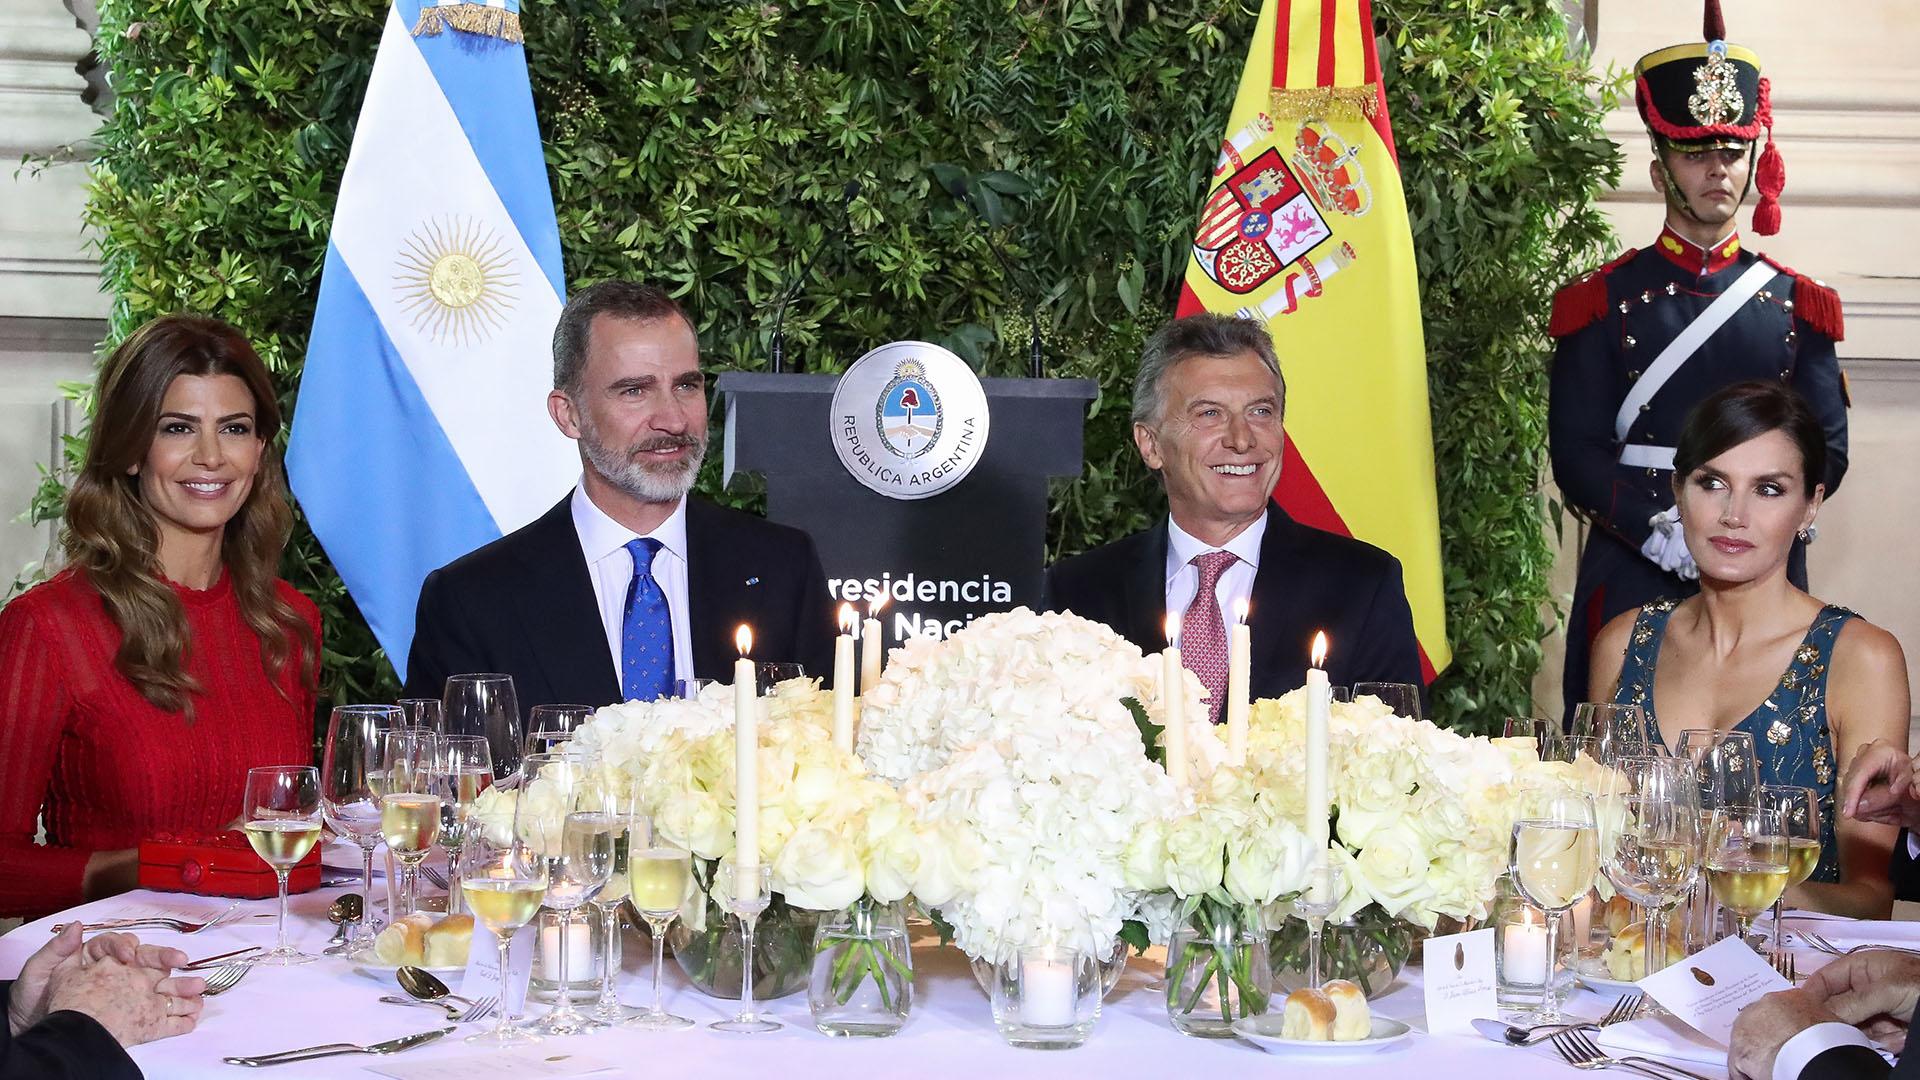 Las 27 Fotos De La Gala En Honor A Los Reyes De España En El Centro Cultural Kirchner Infobae